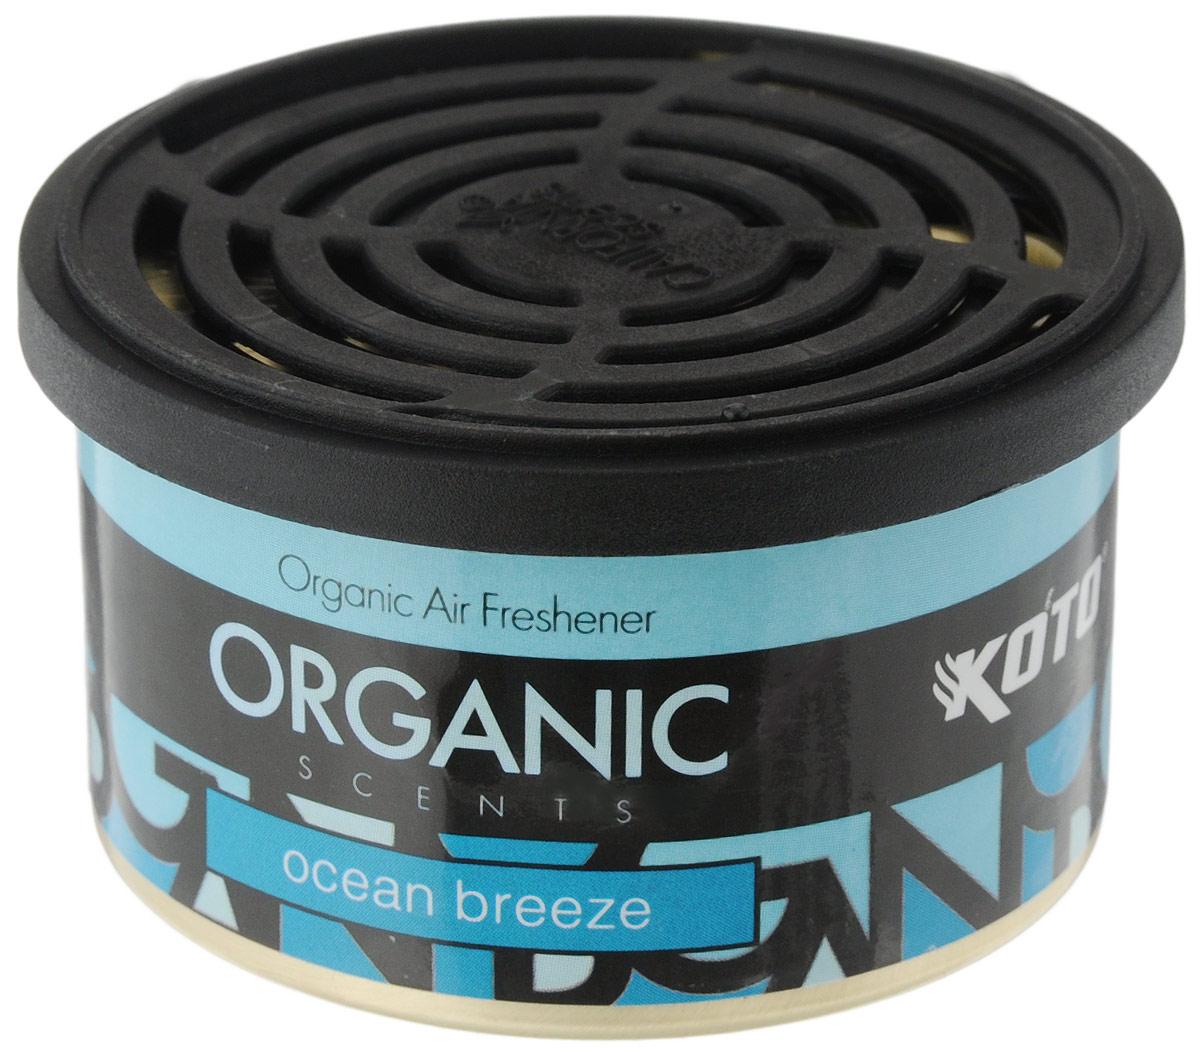 Ароматизатор автомобильный Koto Organic, океанский бризK-4506Автомобильный ароматизатор Koto Organic эффективно устраняет неприятные запахи и придает приятный аромат океанского бриза.Внутри - органический наполнитель, который не растекается и не вредит окружающей среде. Ароматизатор имеет удобную крышку-регулятор, так что интенсивность аромата вы сможете настроить сами. Стойкий аромат держится около 60 дней. Ароматизатор может быть расположен как на приборной панели, так и под сиденьем автомобиля.Товар сертифицирован.